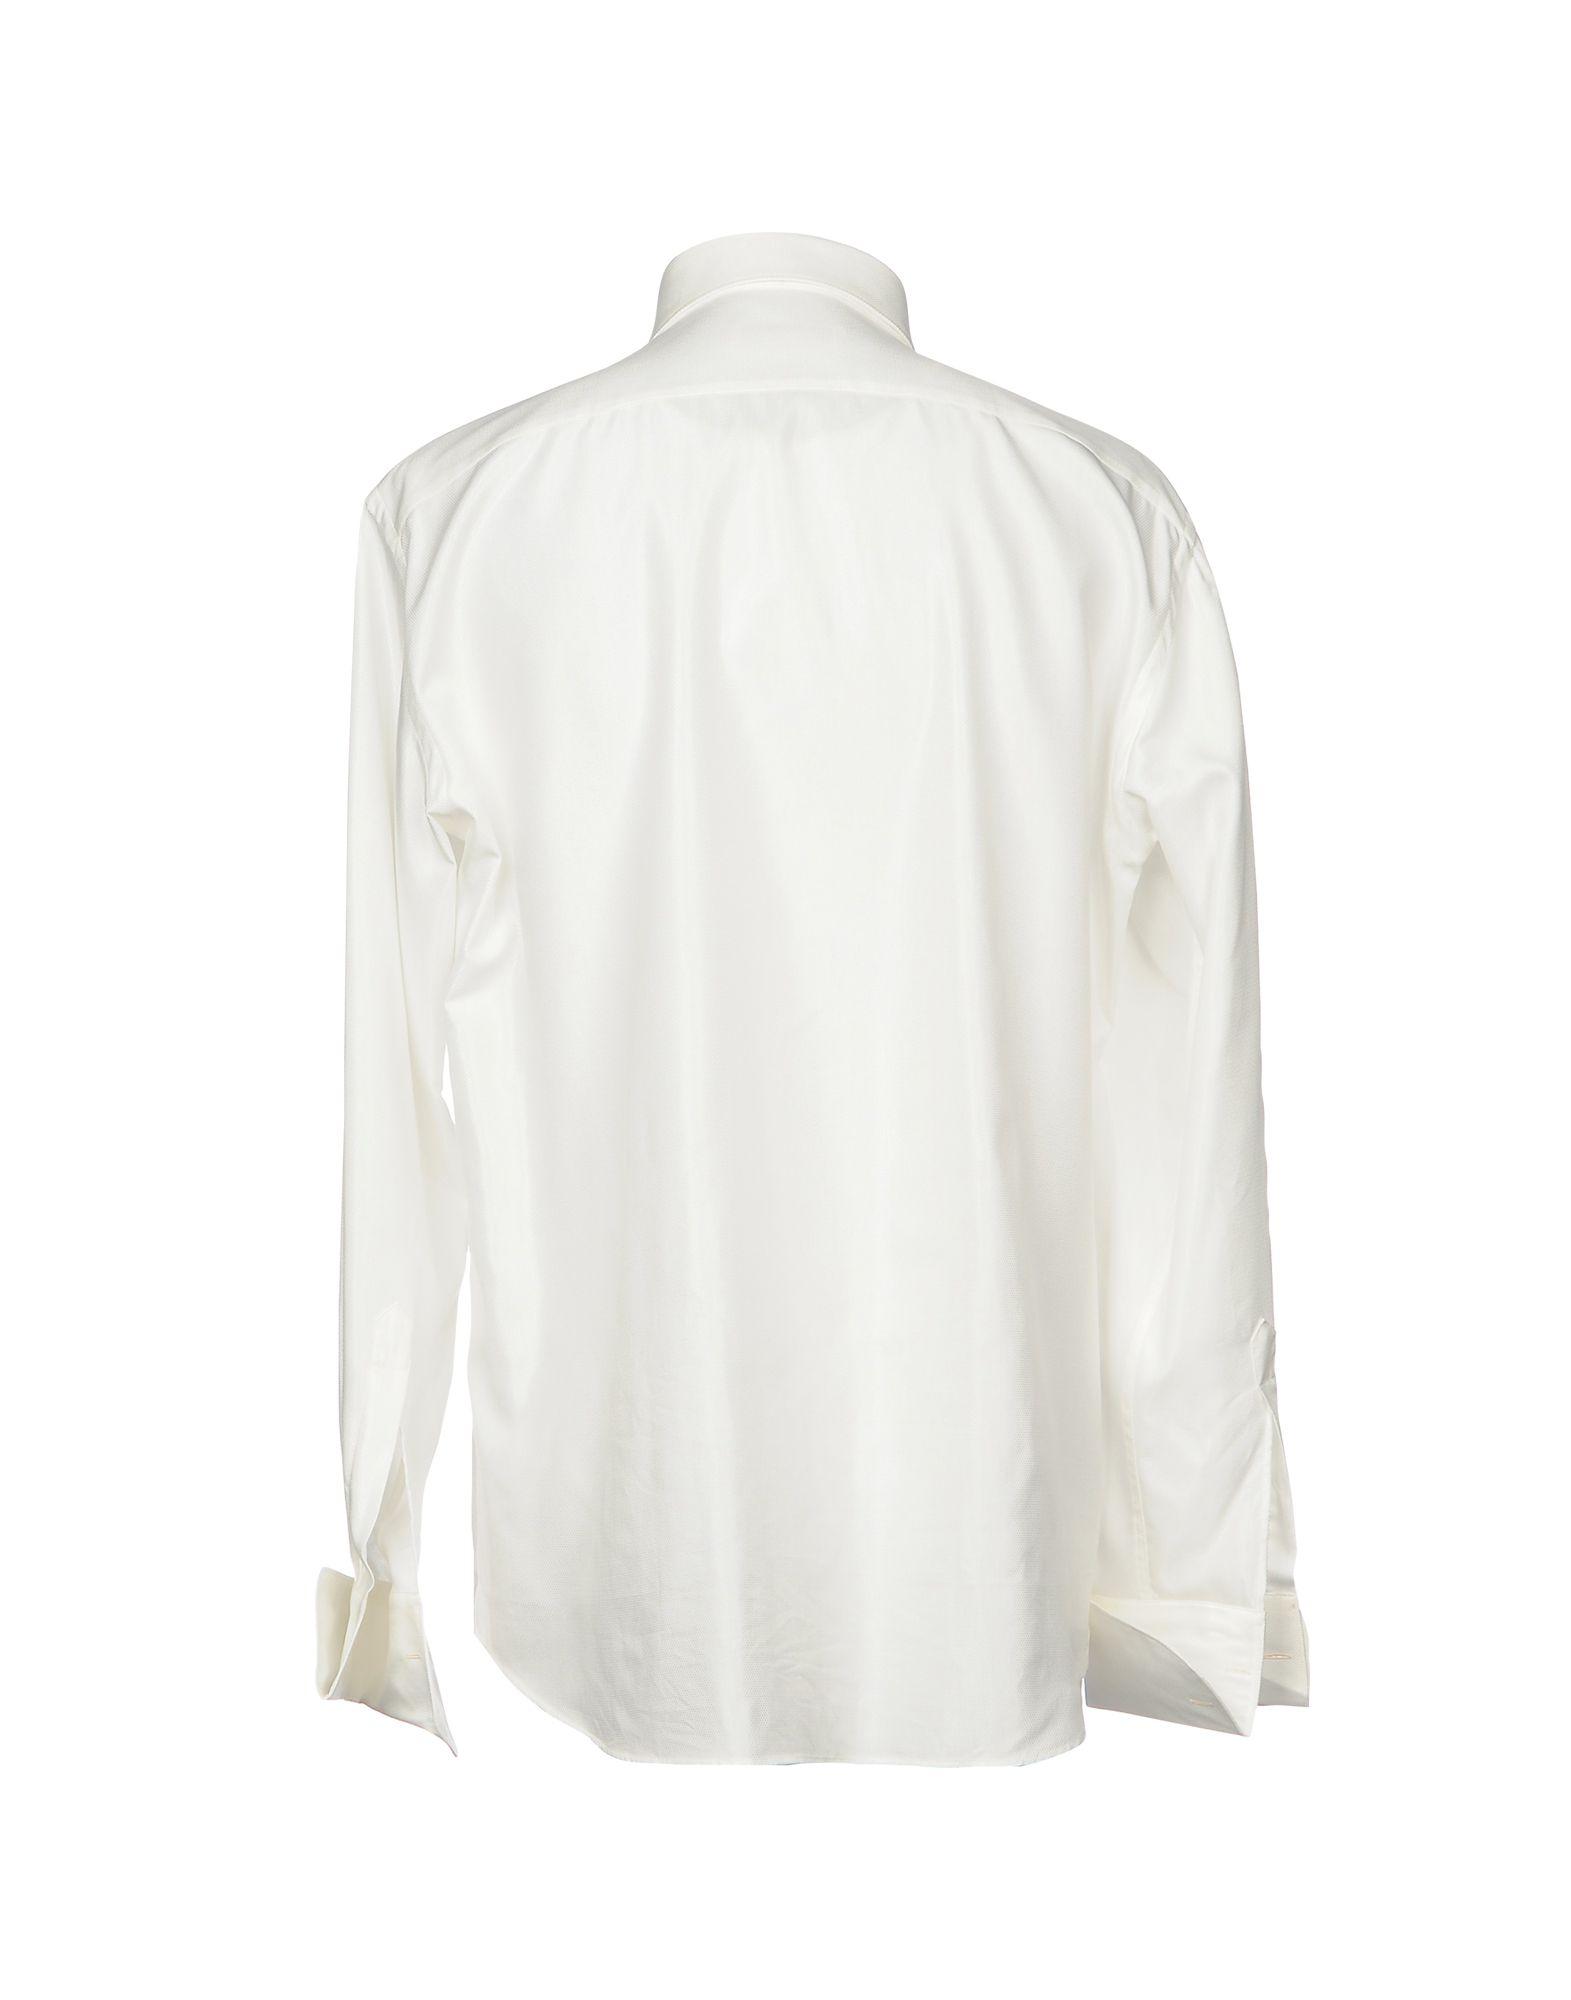 Camicia Tinta Unita Ingram Uomo Uomo Uomo - 38693765MF 6c55a3